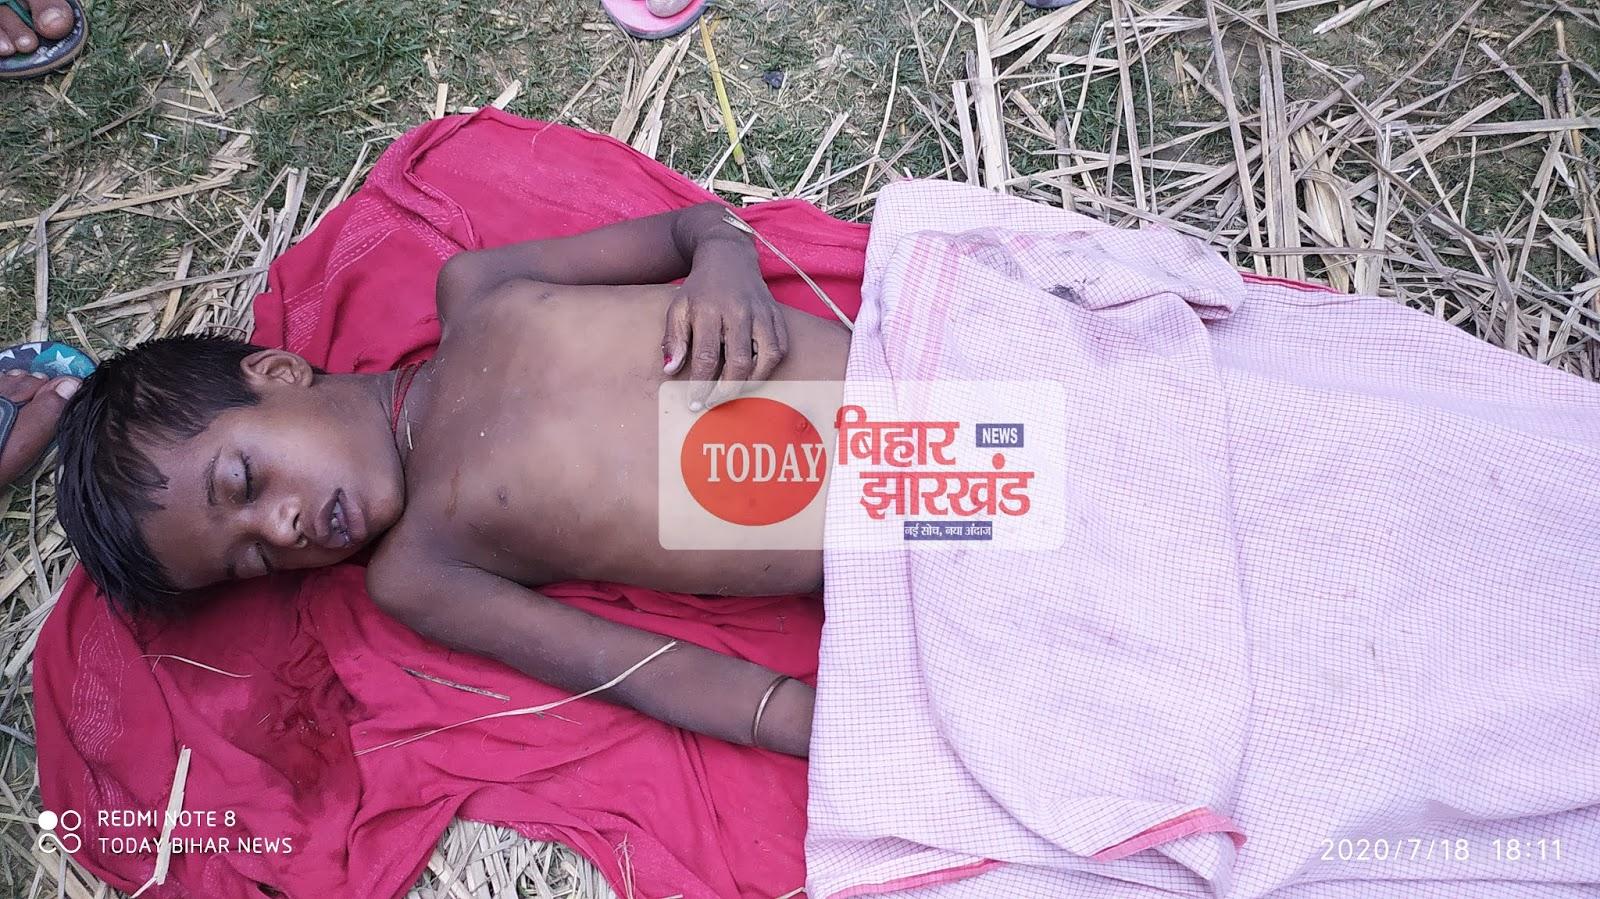 सिकरहना: पोखर में नहाने के दौरान डूबकर बालक की मौत, गाँव मे पसरा मातम